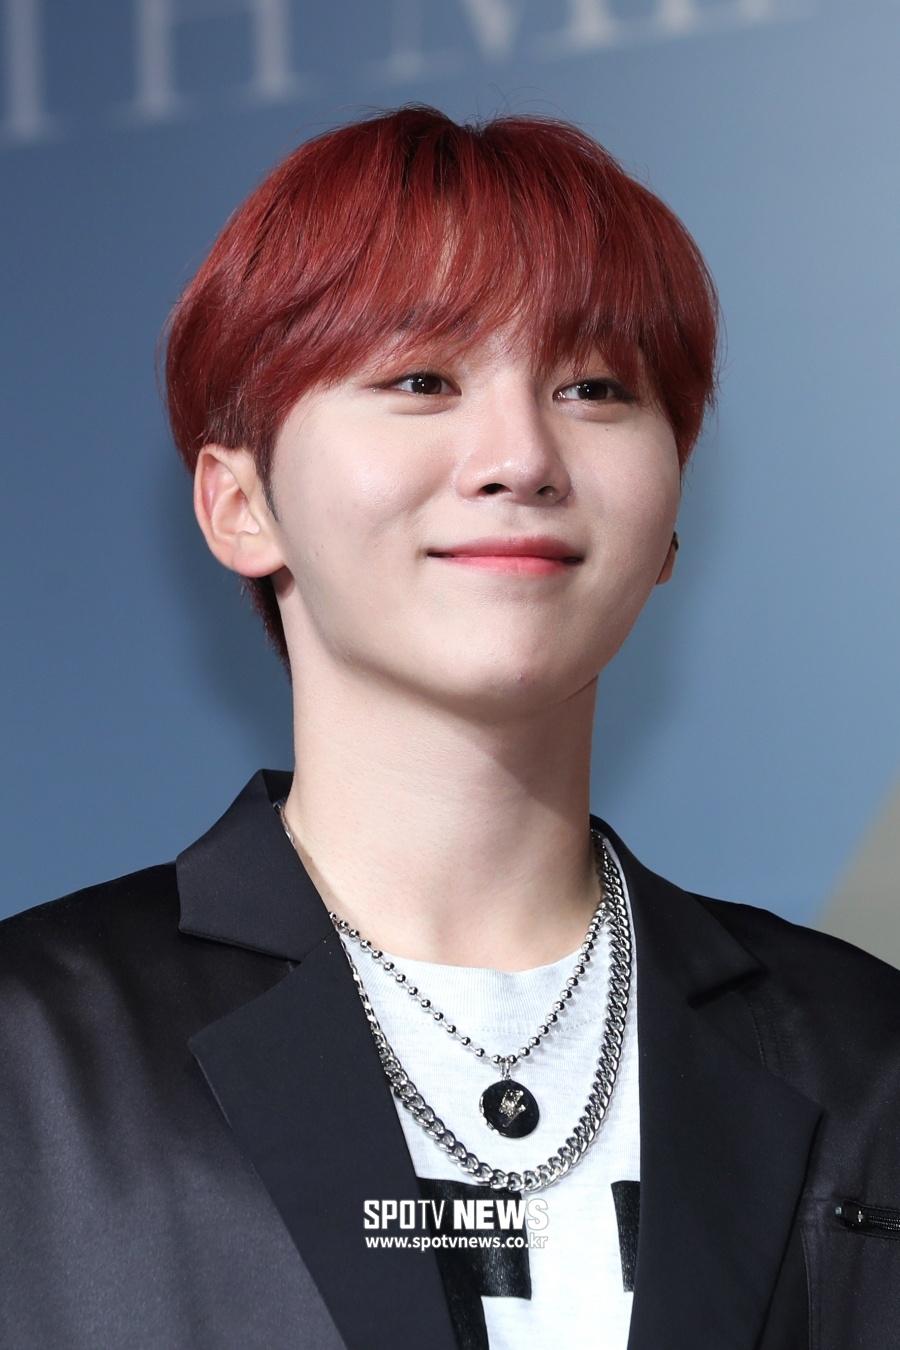 seventeen seungkwan 2